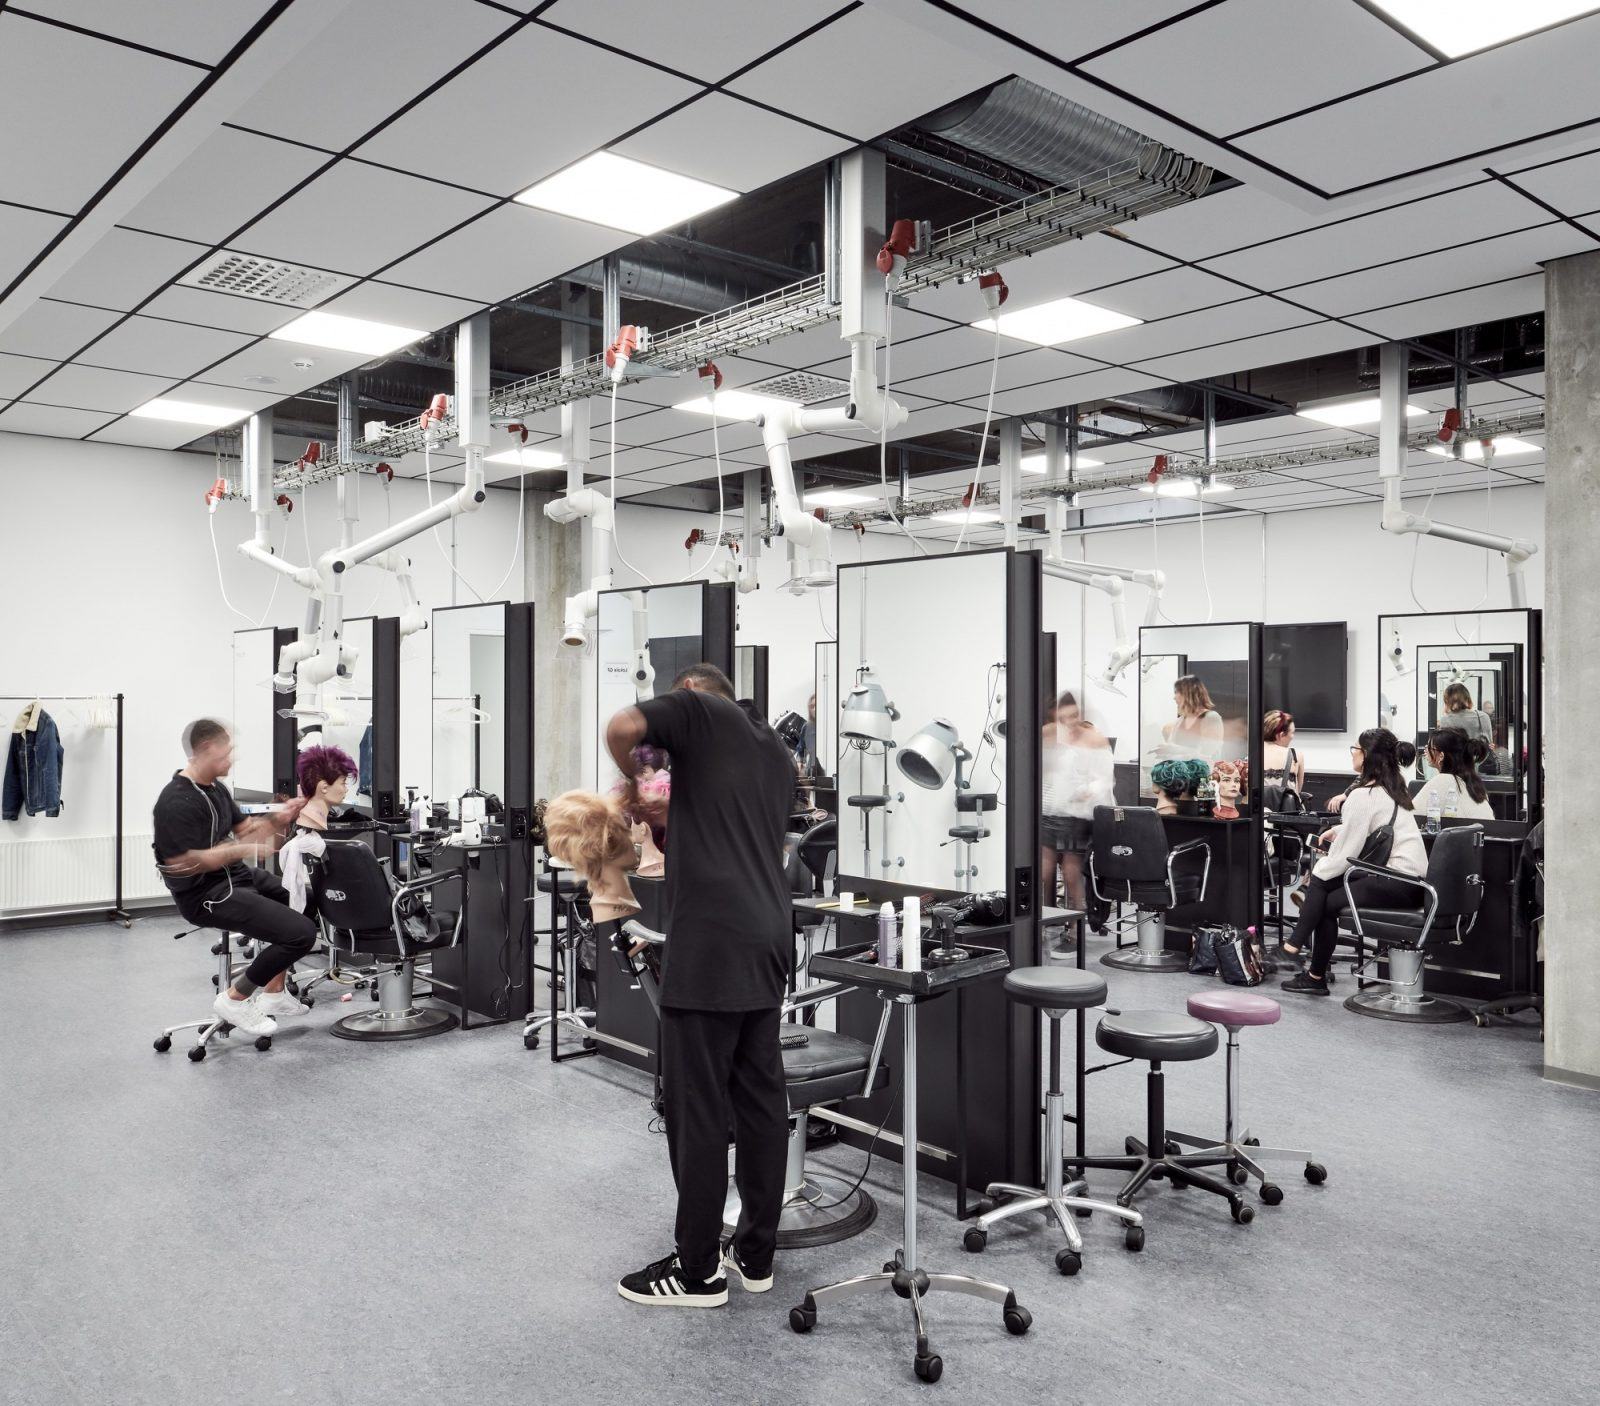 Frisørskolen Next (frisørstationer), Rentemestervej 17, København